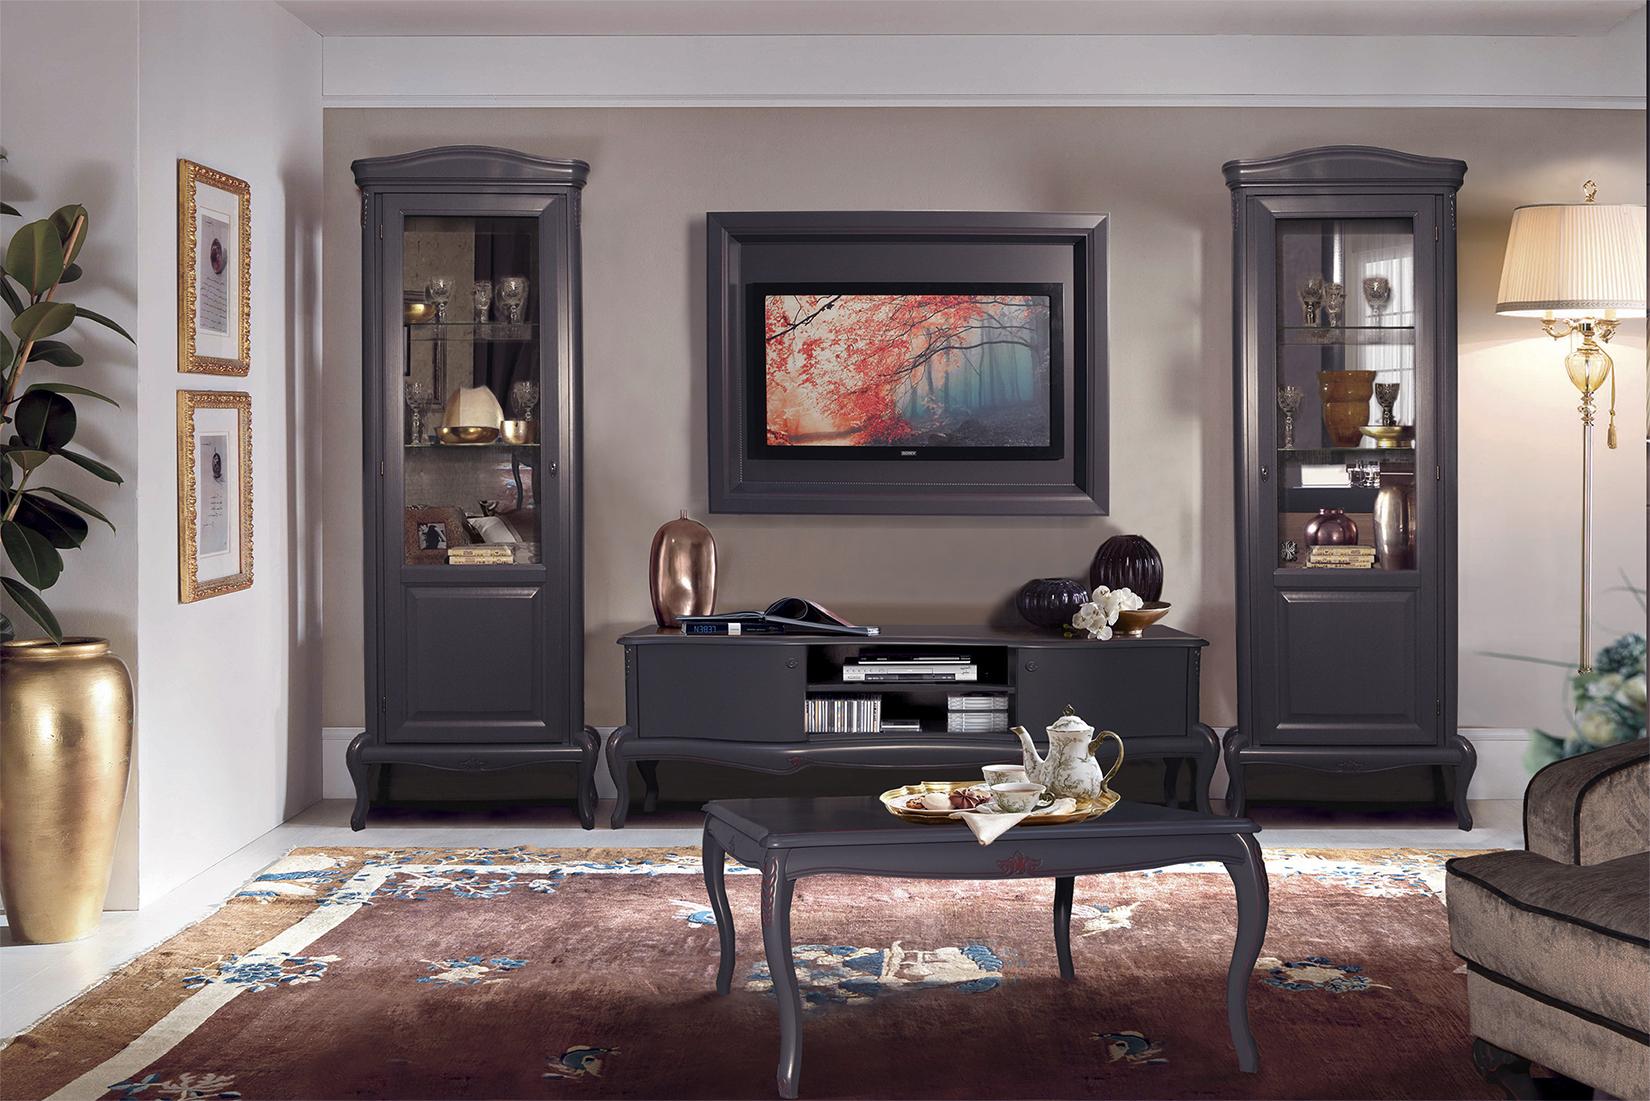 MOKKO Exklusive Design-Wohnzimmermöbel im modernen Barock-Stil, Grau mit  bordeaux Touch